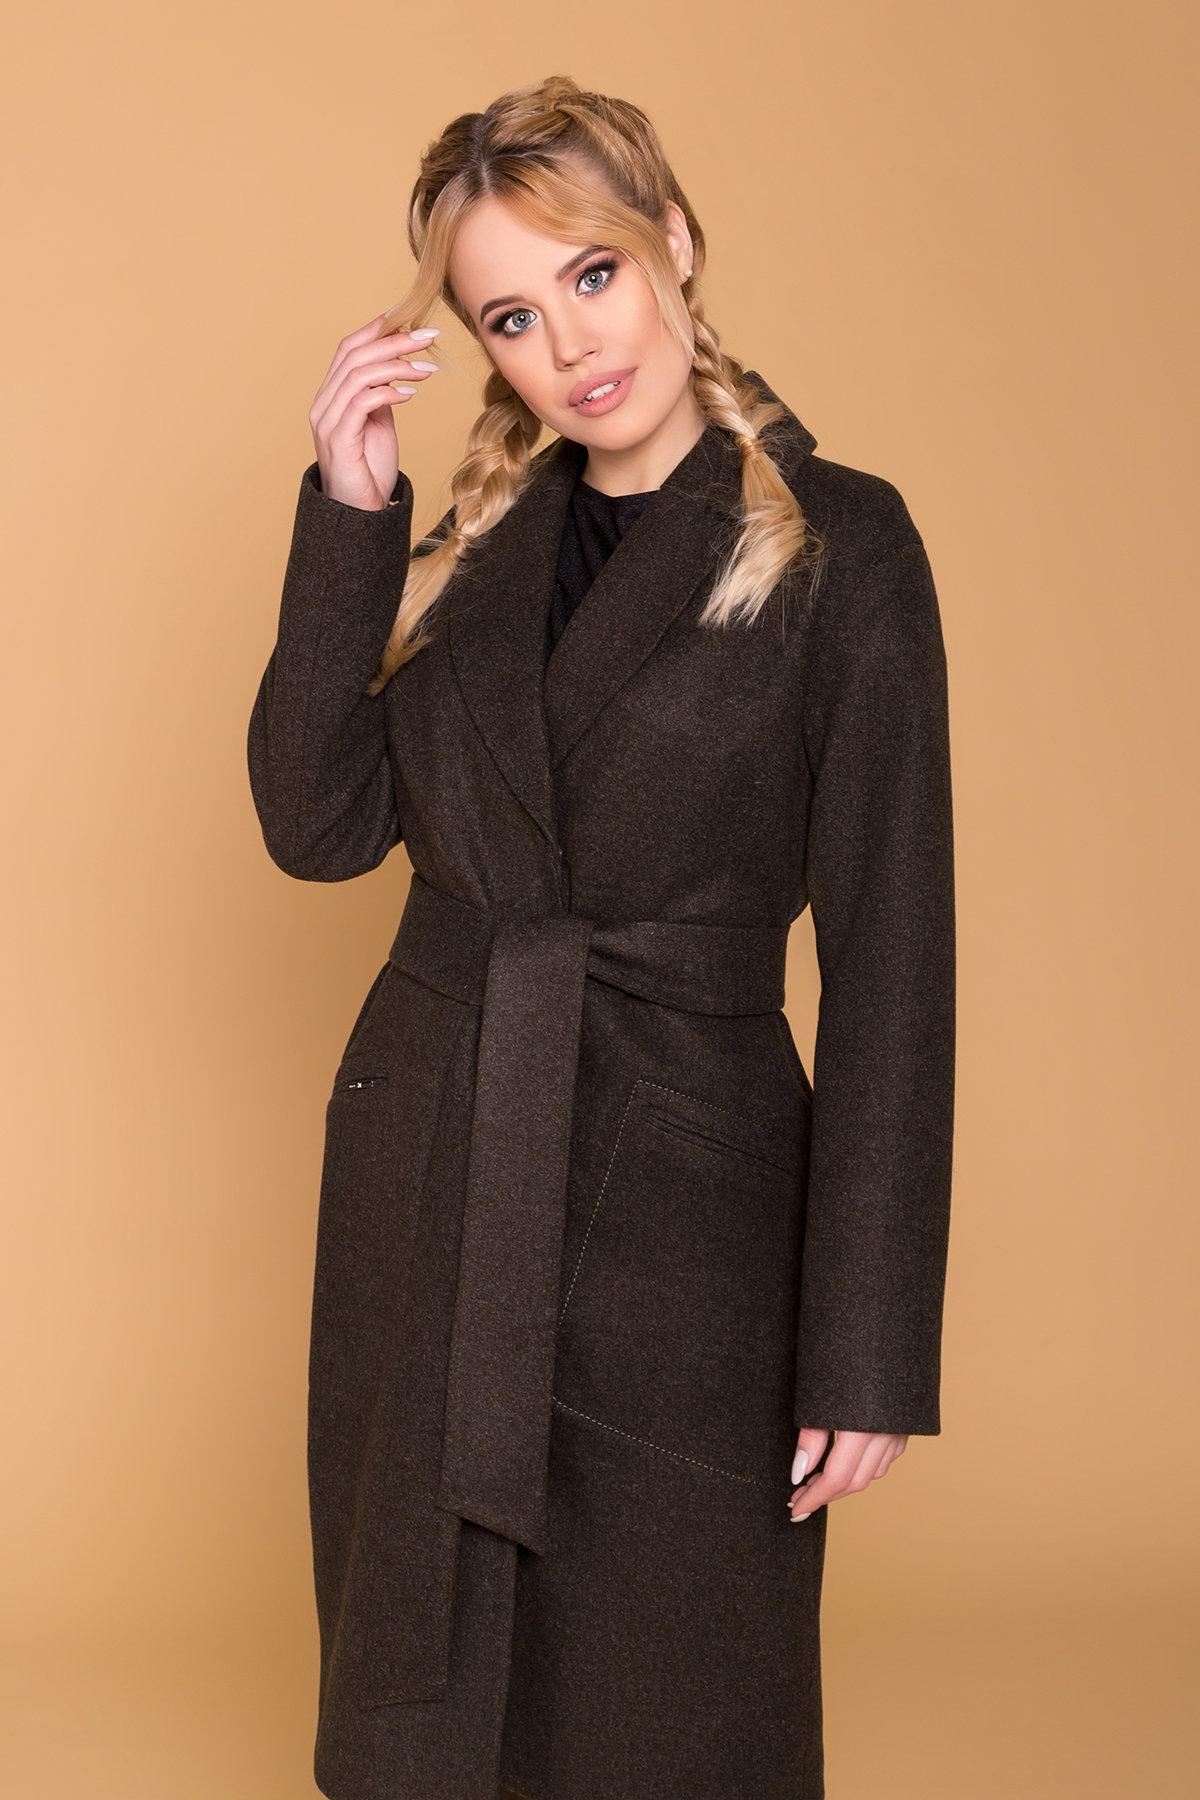 Пальто миди с прорезными карманами Ждана лайт 6337 АРТ. 41149 Цвет: Хаки 16 - фото 5, интернет магазин tm-modus.ru